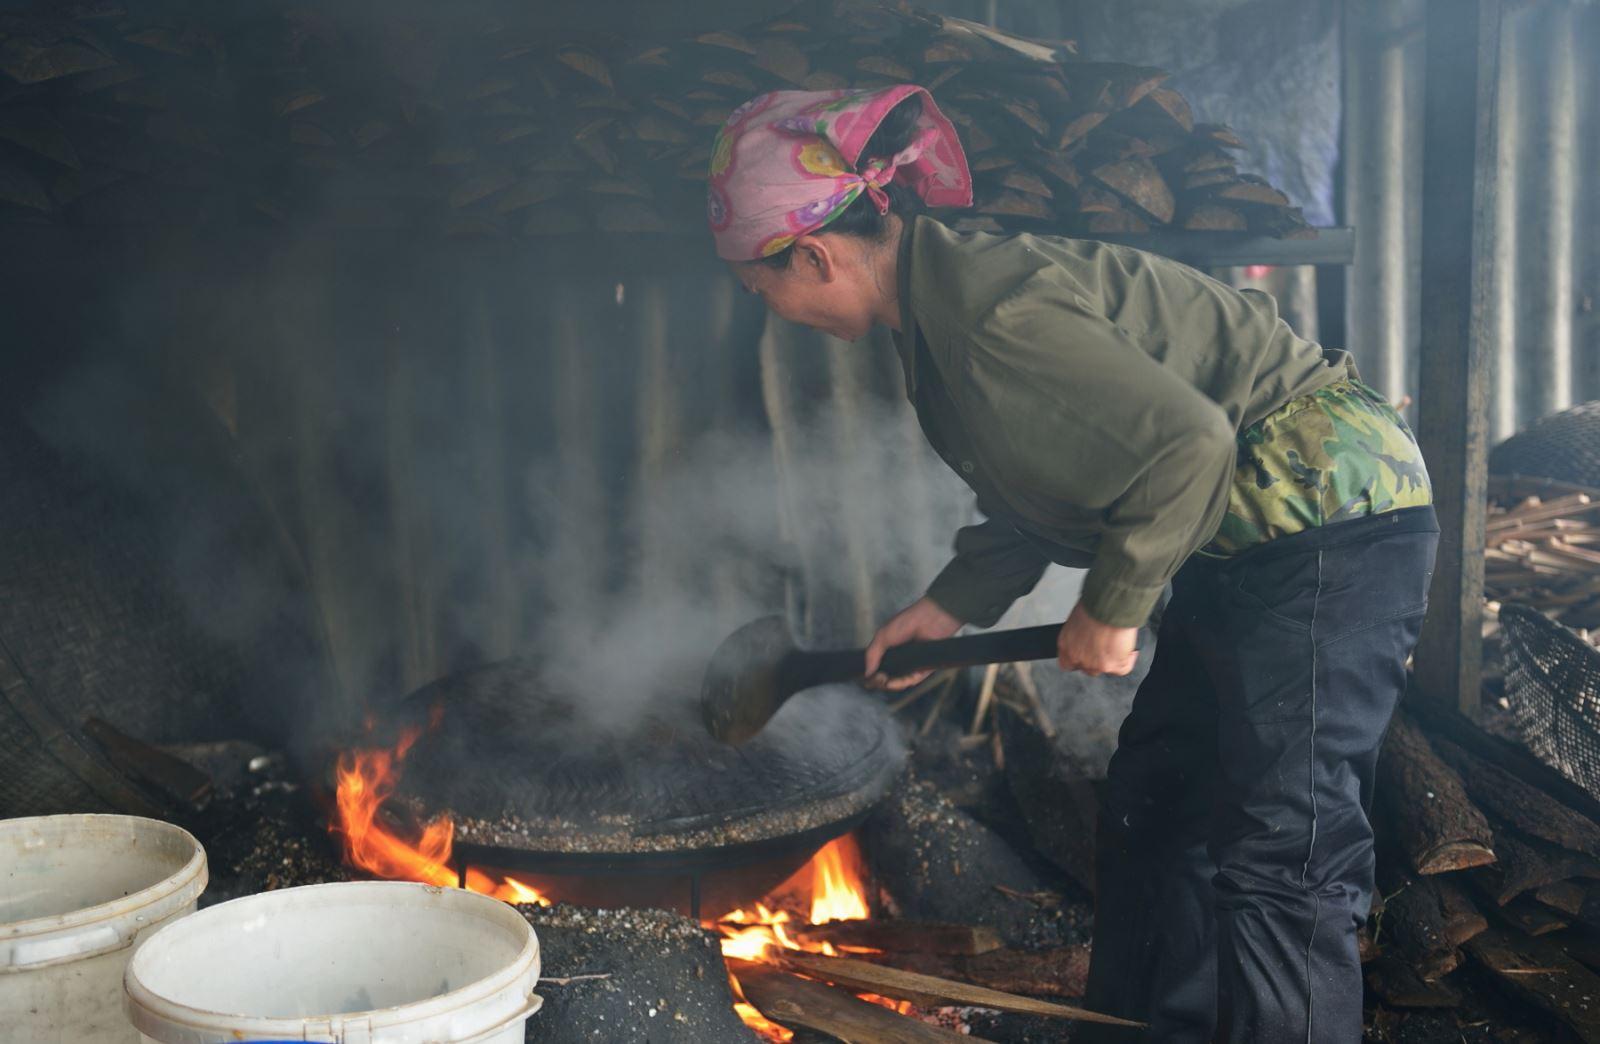 """Luộc hến 30 phút dưới bếp lửa to. Khi nước hến trào ra thì quấy nồi hến đến khi hến """"há miệng"""" mới vớt hến ra để đãi lấy ruột."""